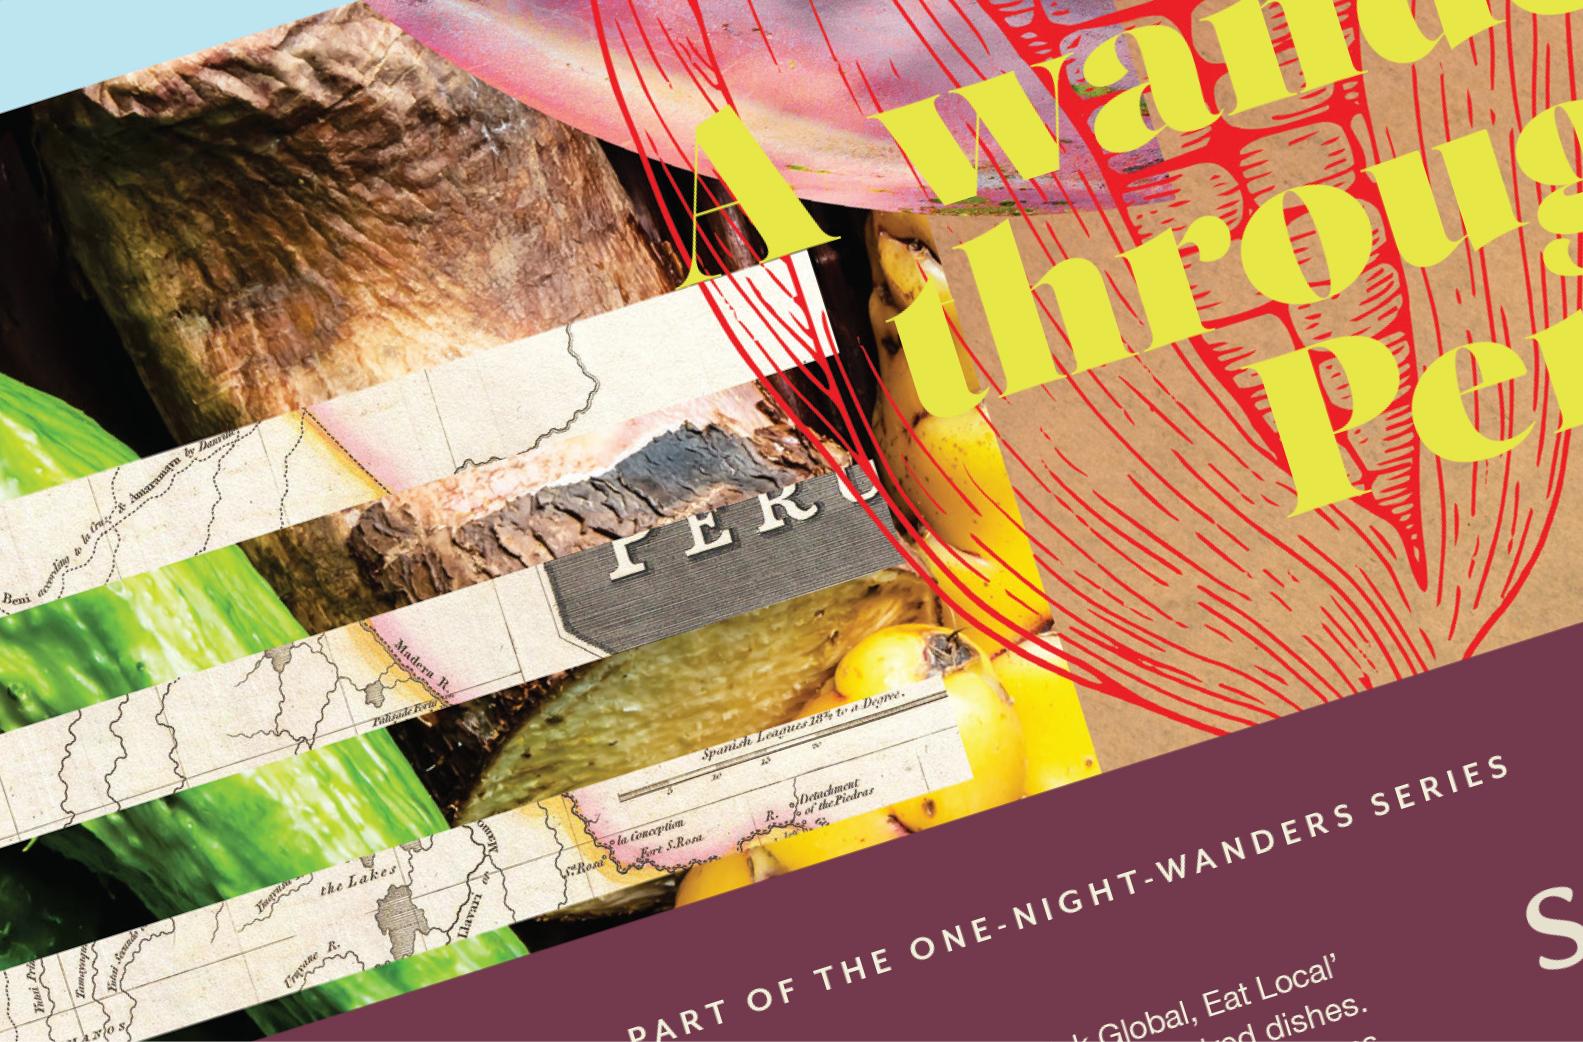 Stravaigin One Night Wander Advertising Maguires